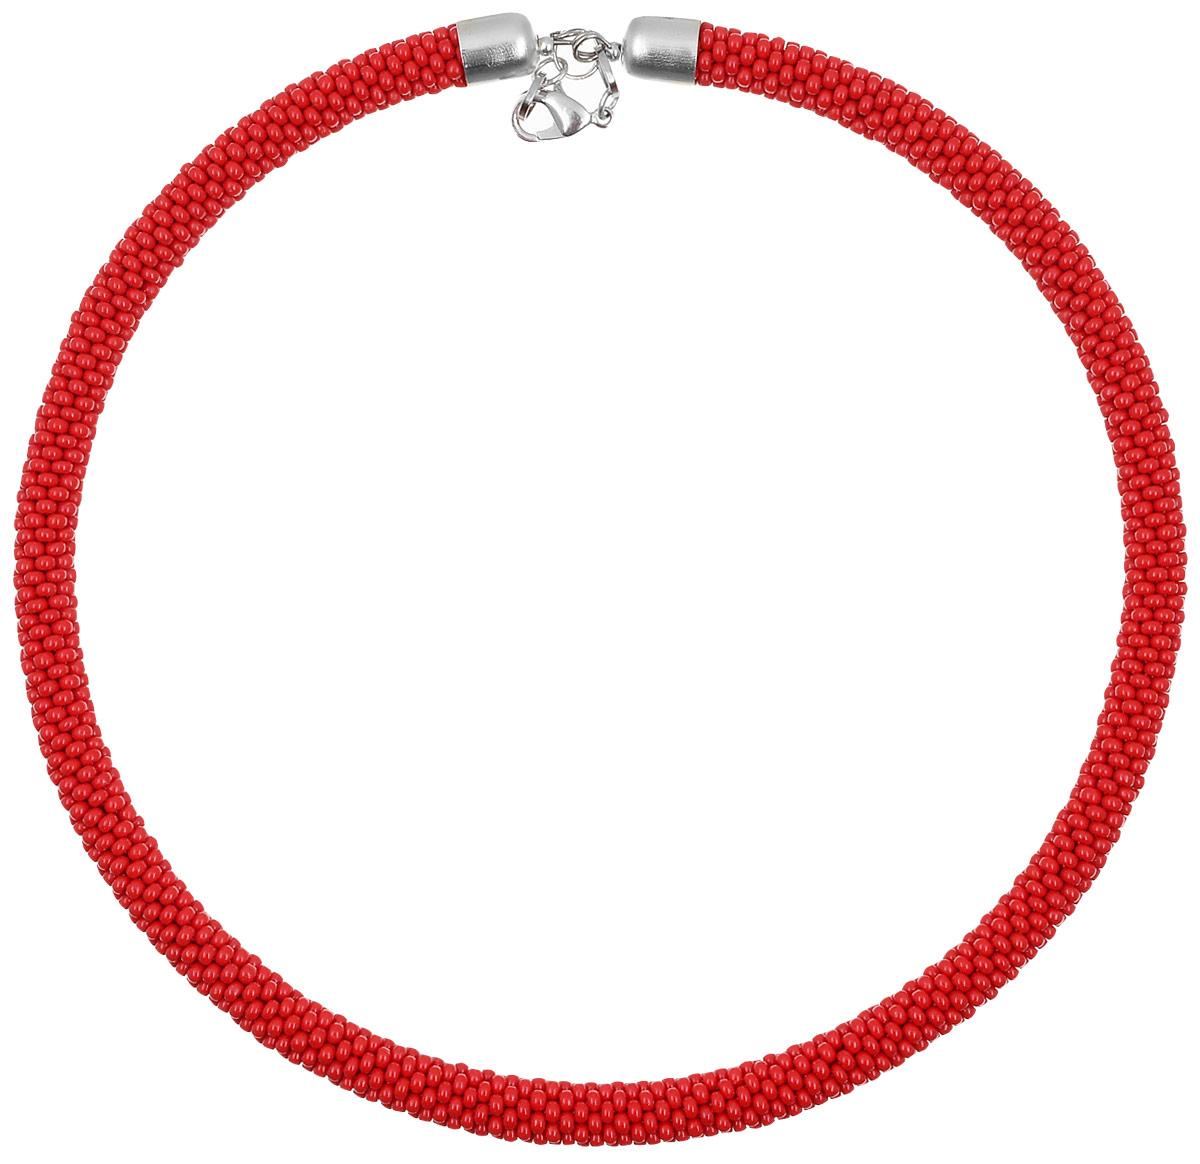 Чокер (бисер), цвет: красный. Ручная авторская работа. Ch93210Ch93210Чокер ручной работы изготовлен из пластика и текстиля. Изделие связано из бисера и имеет жесткую основу. Чокер застегивается с помощью замка-карабина, а длина регулируется с помощью звеньев.